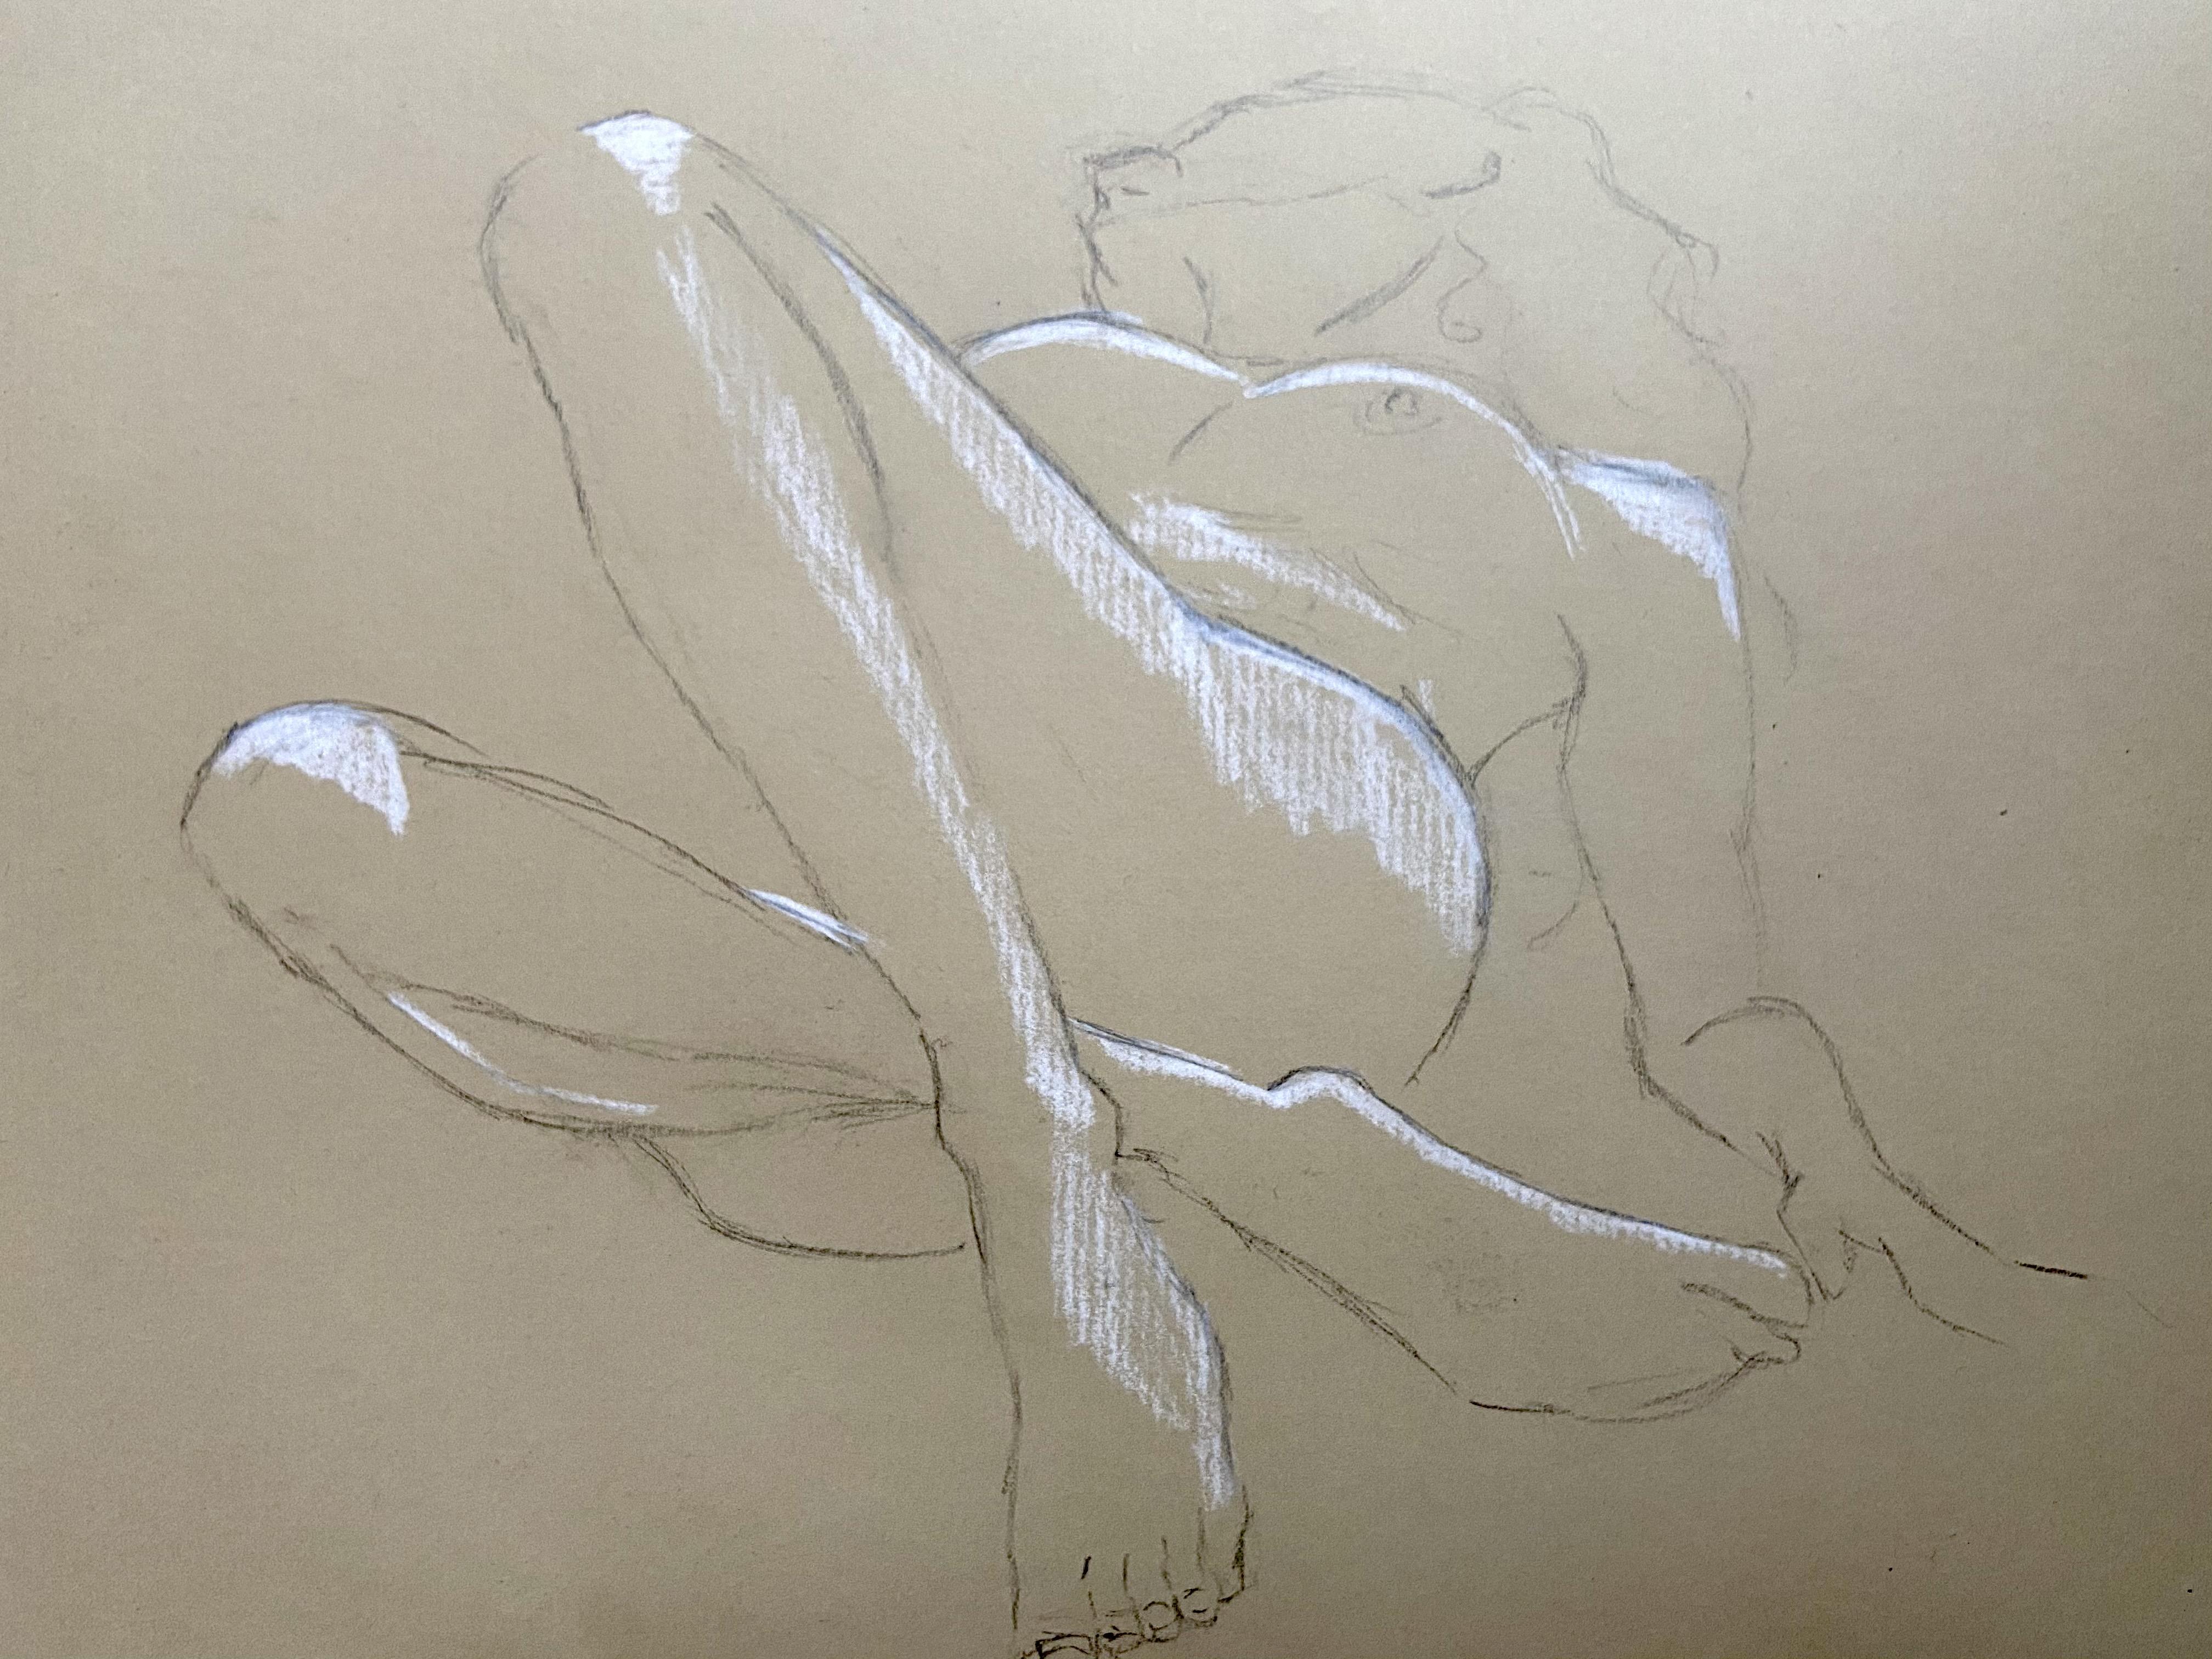 Dessin technique mixte raccourci perspective corps crayon blanc graphite sur papier Kraft  cours de dessin